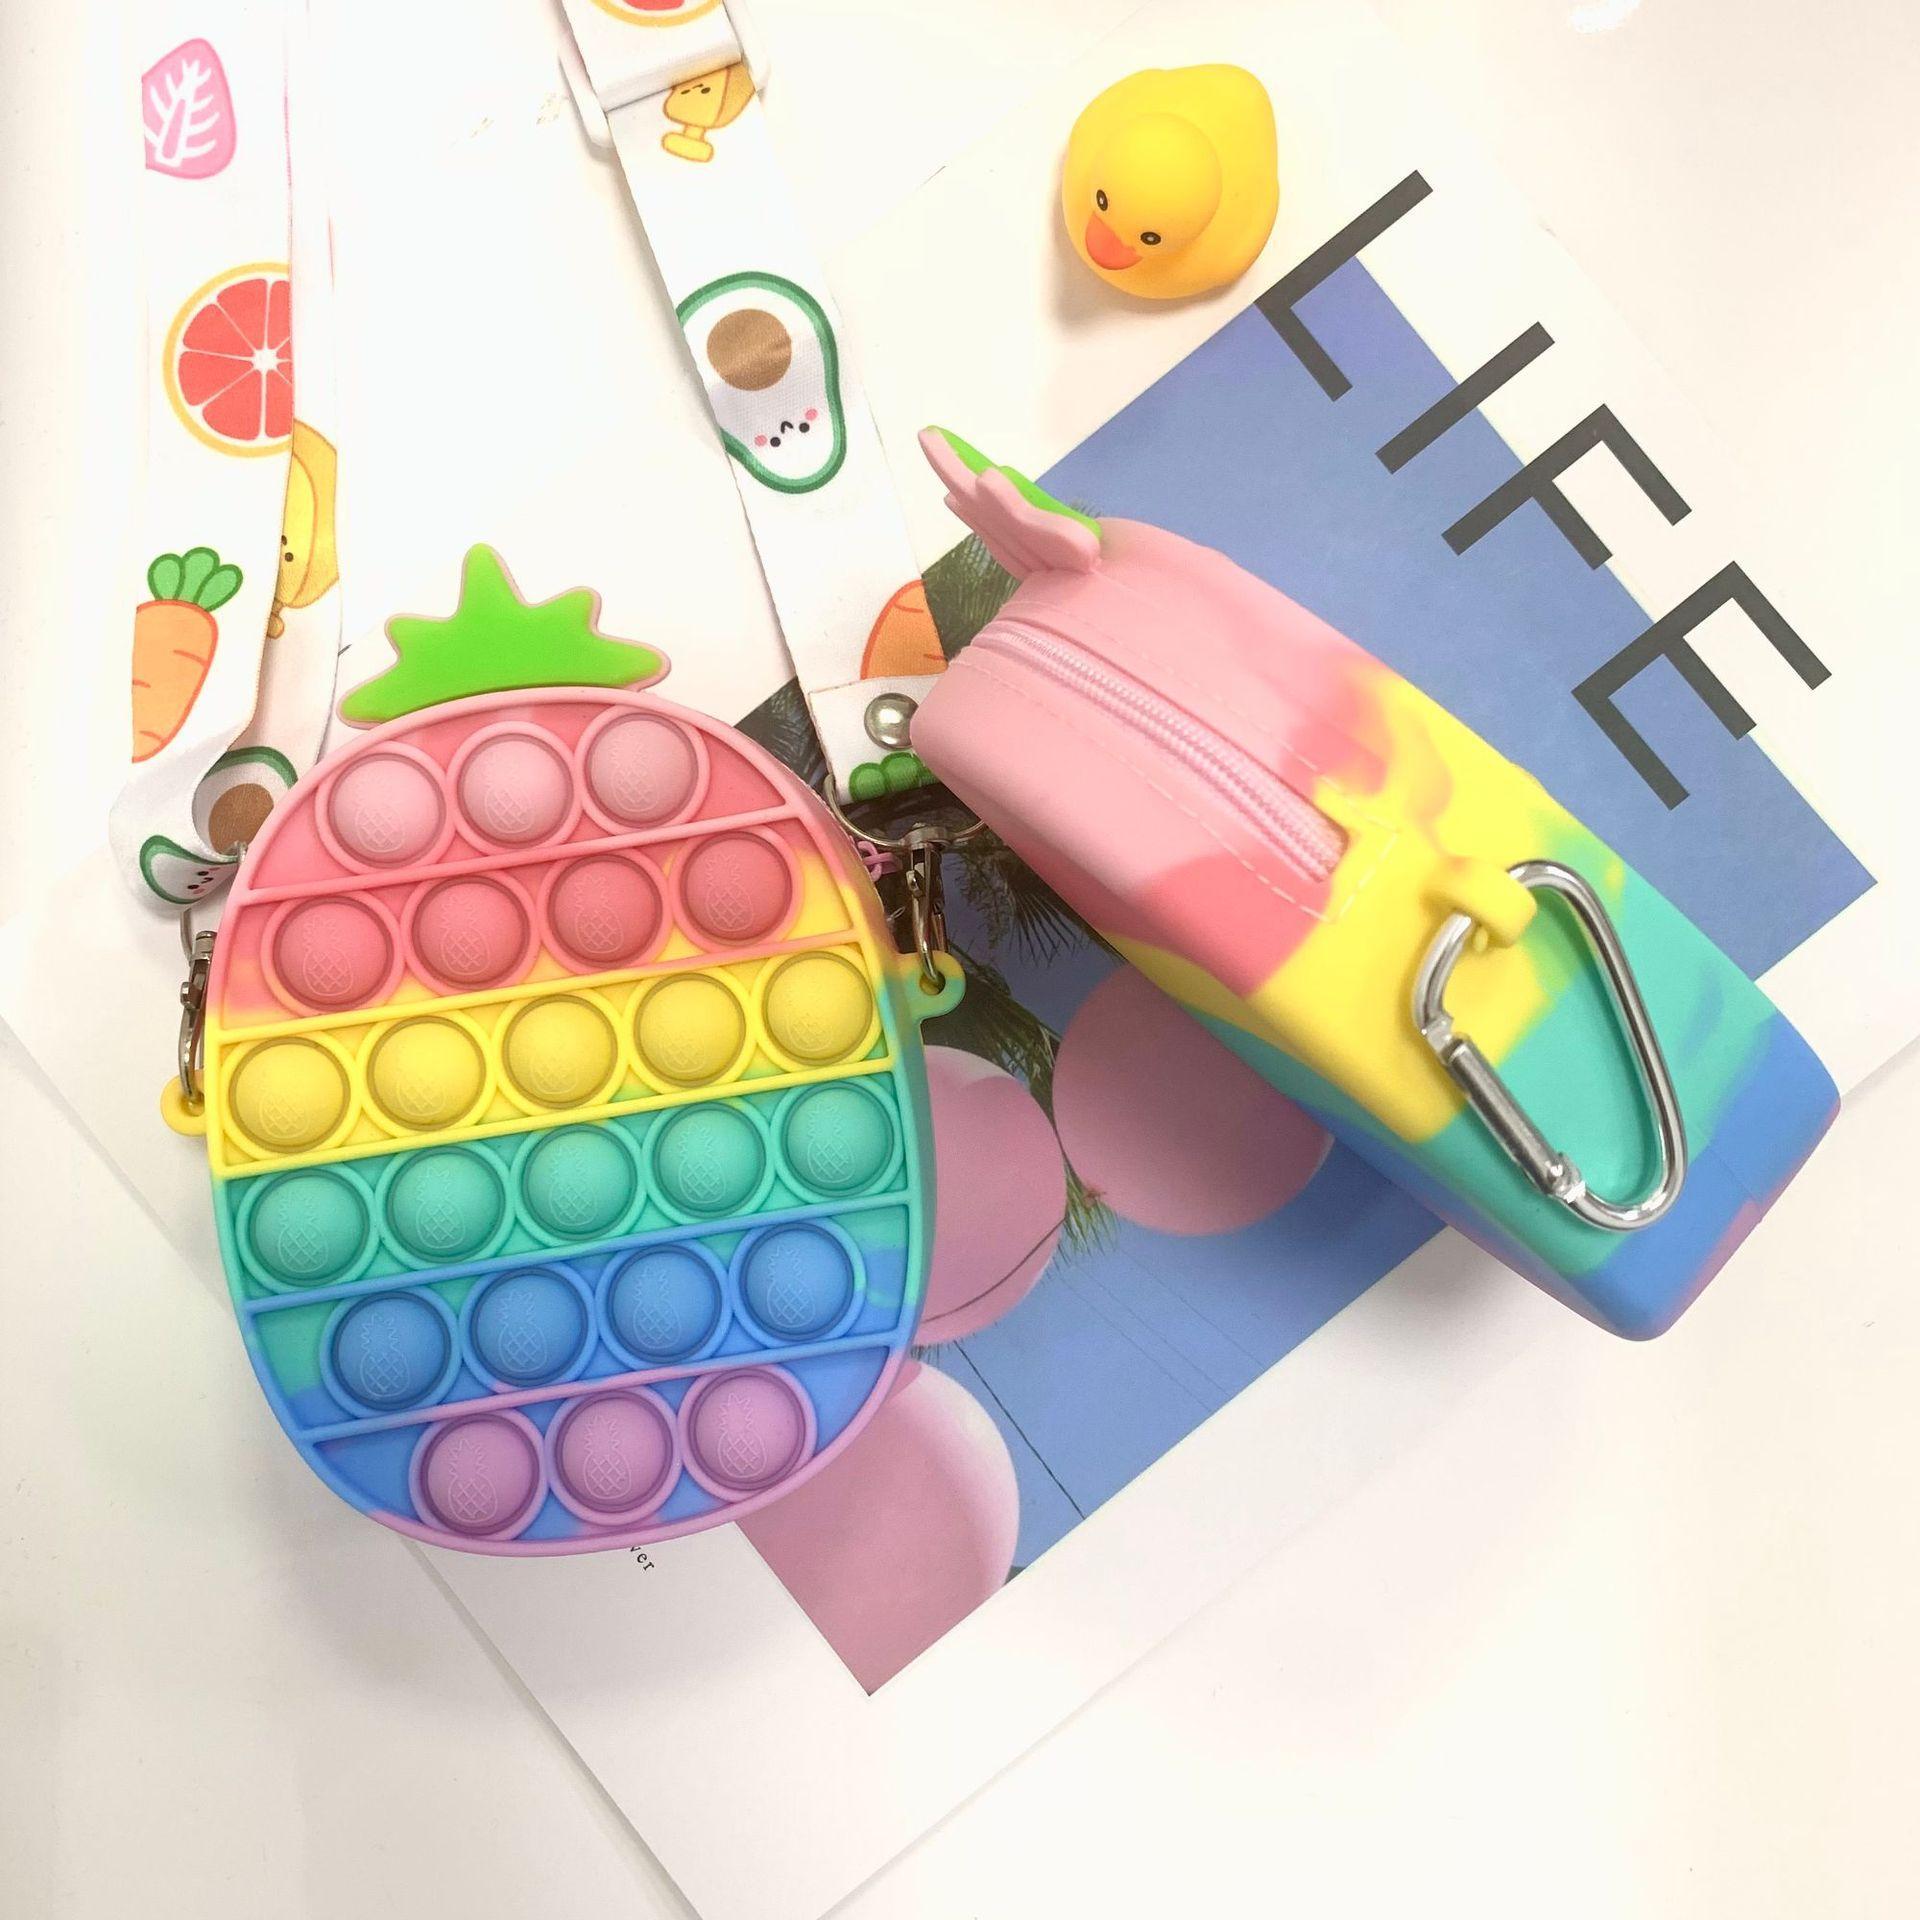 Mini Geld Geldbörse Fingertip Spielzeug Party Gunst Geschenke Push Blase Blase Anhänger Tasche Bleistiftkoffer Münze Geldbörse Erwachsene Zappeln Anti Stress Keychain